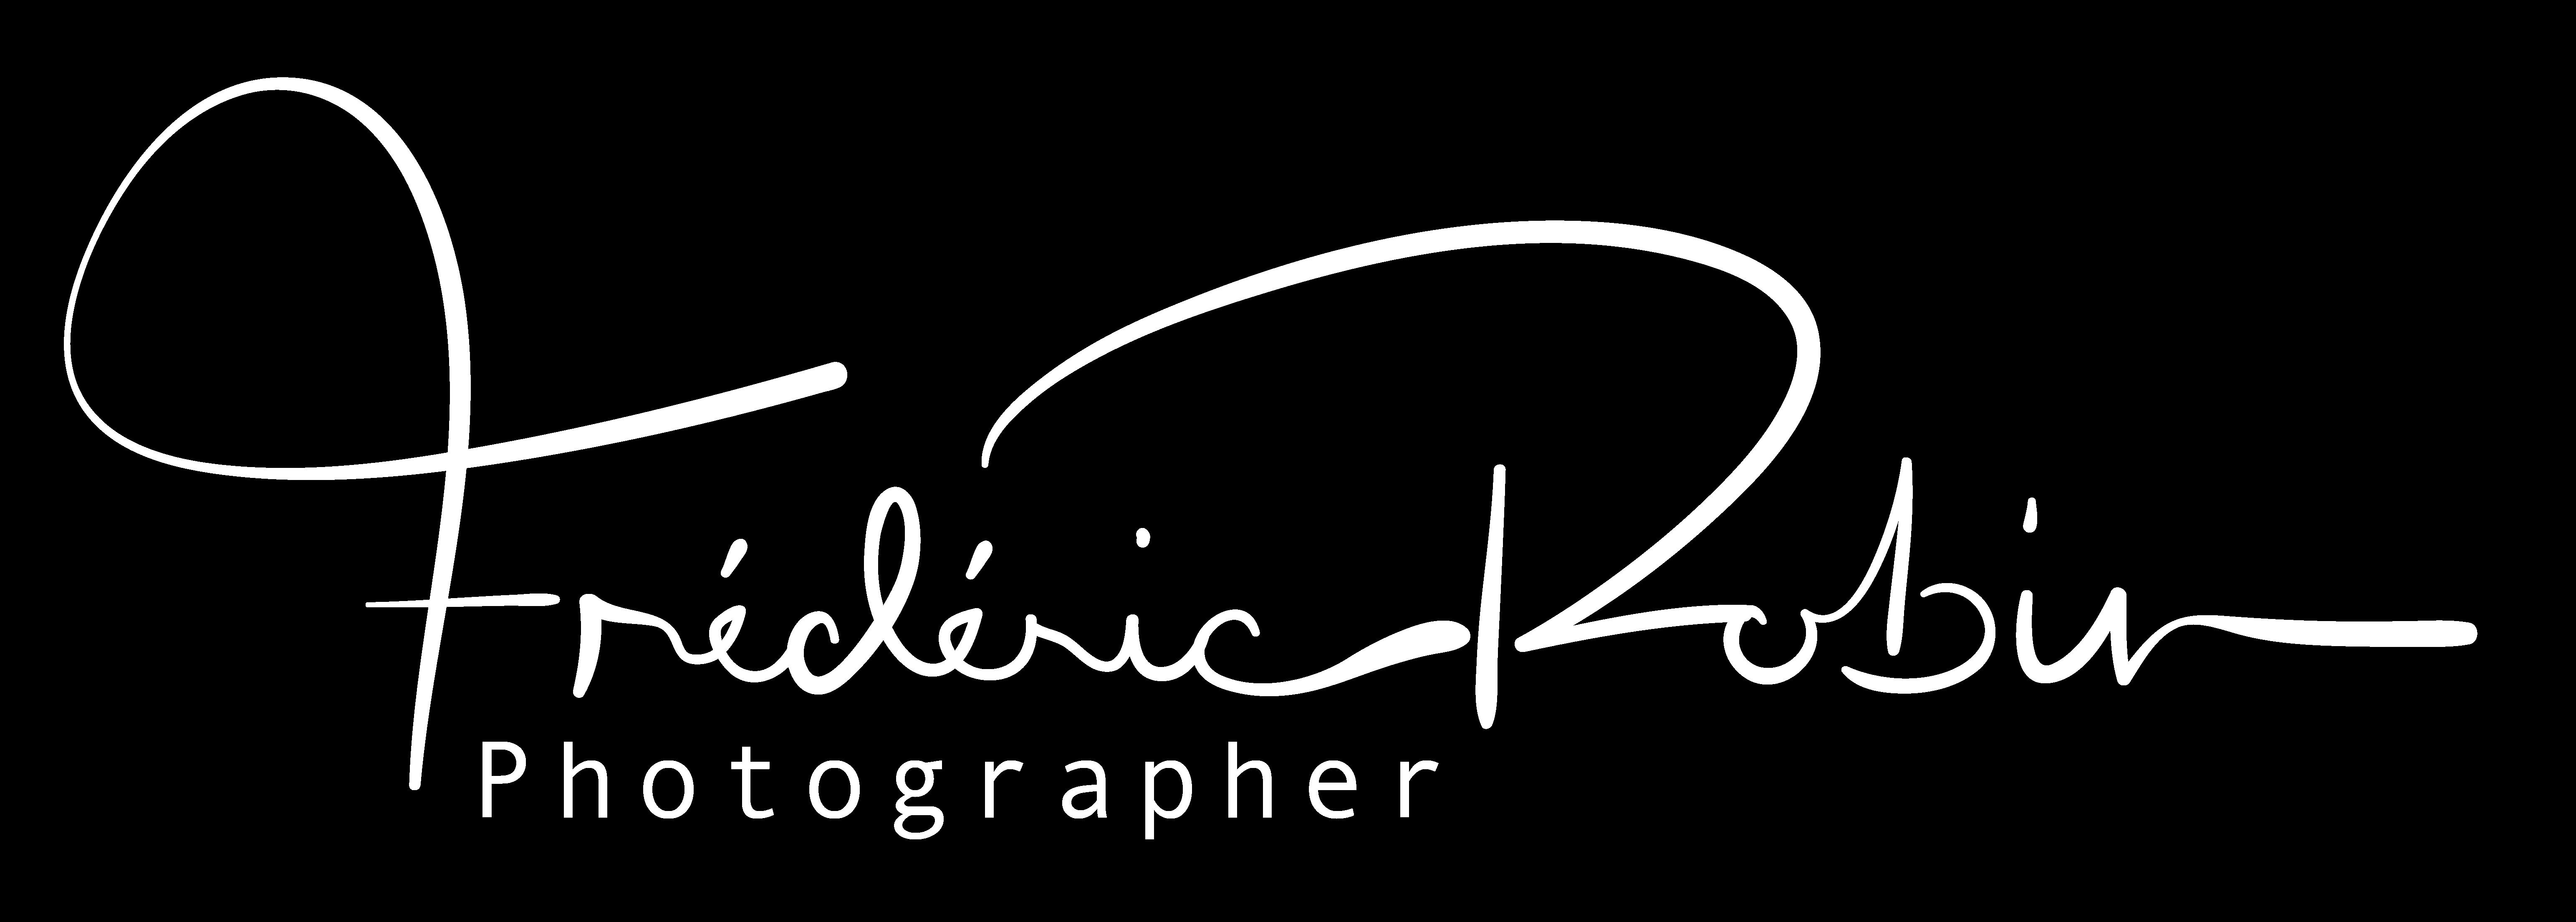 Frédéric Robin Photographer